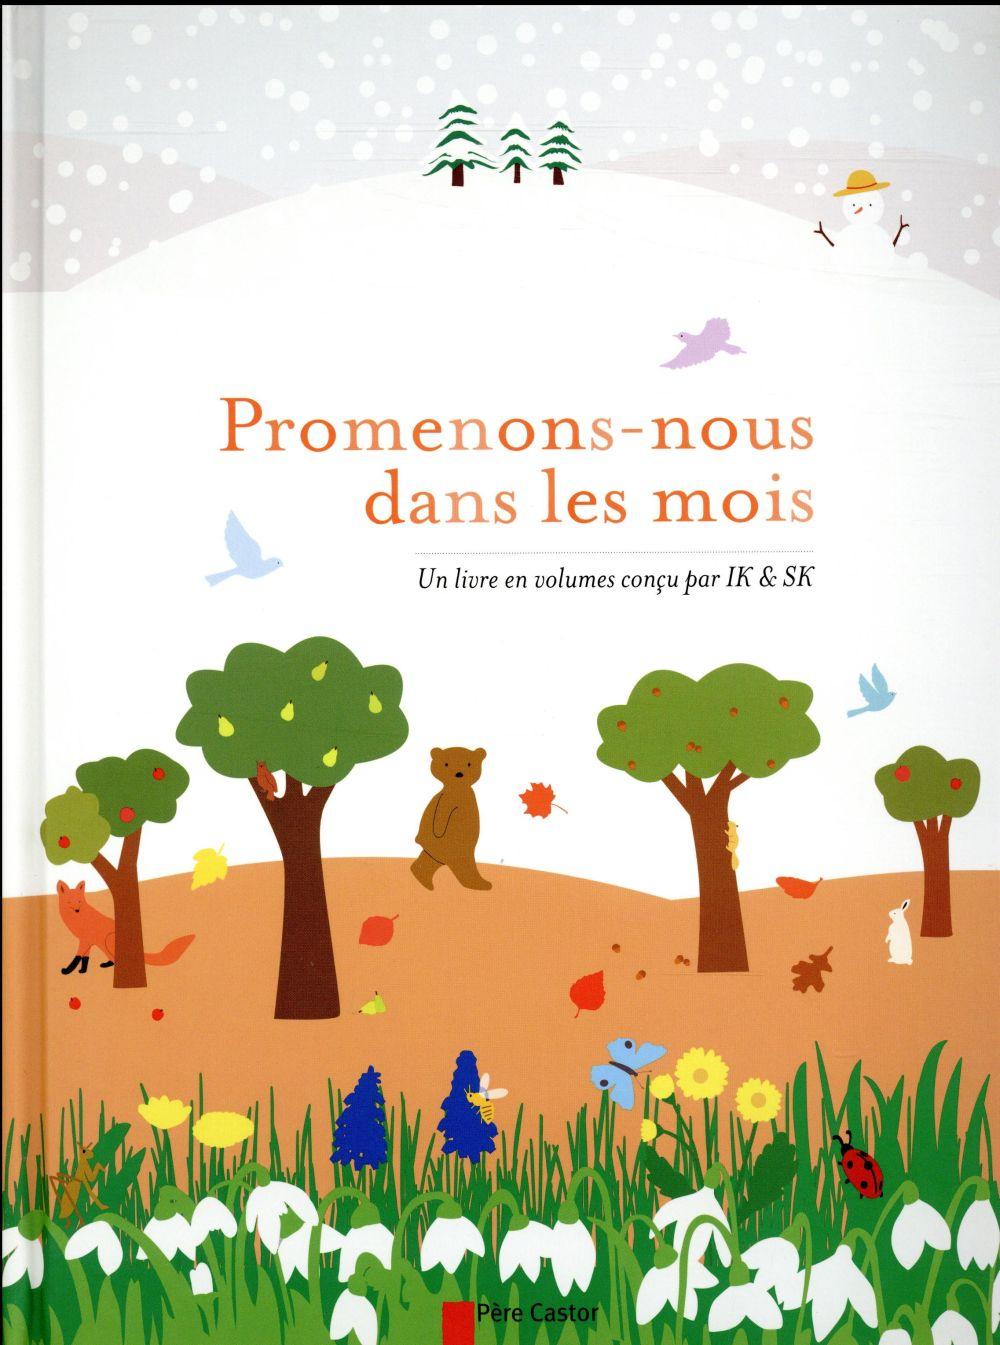 PROMENONS-NOUS DANS LES MOIS (UN LIVRE EN VOLUMES CONCU PAR IK & SK)